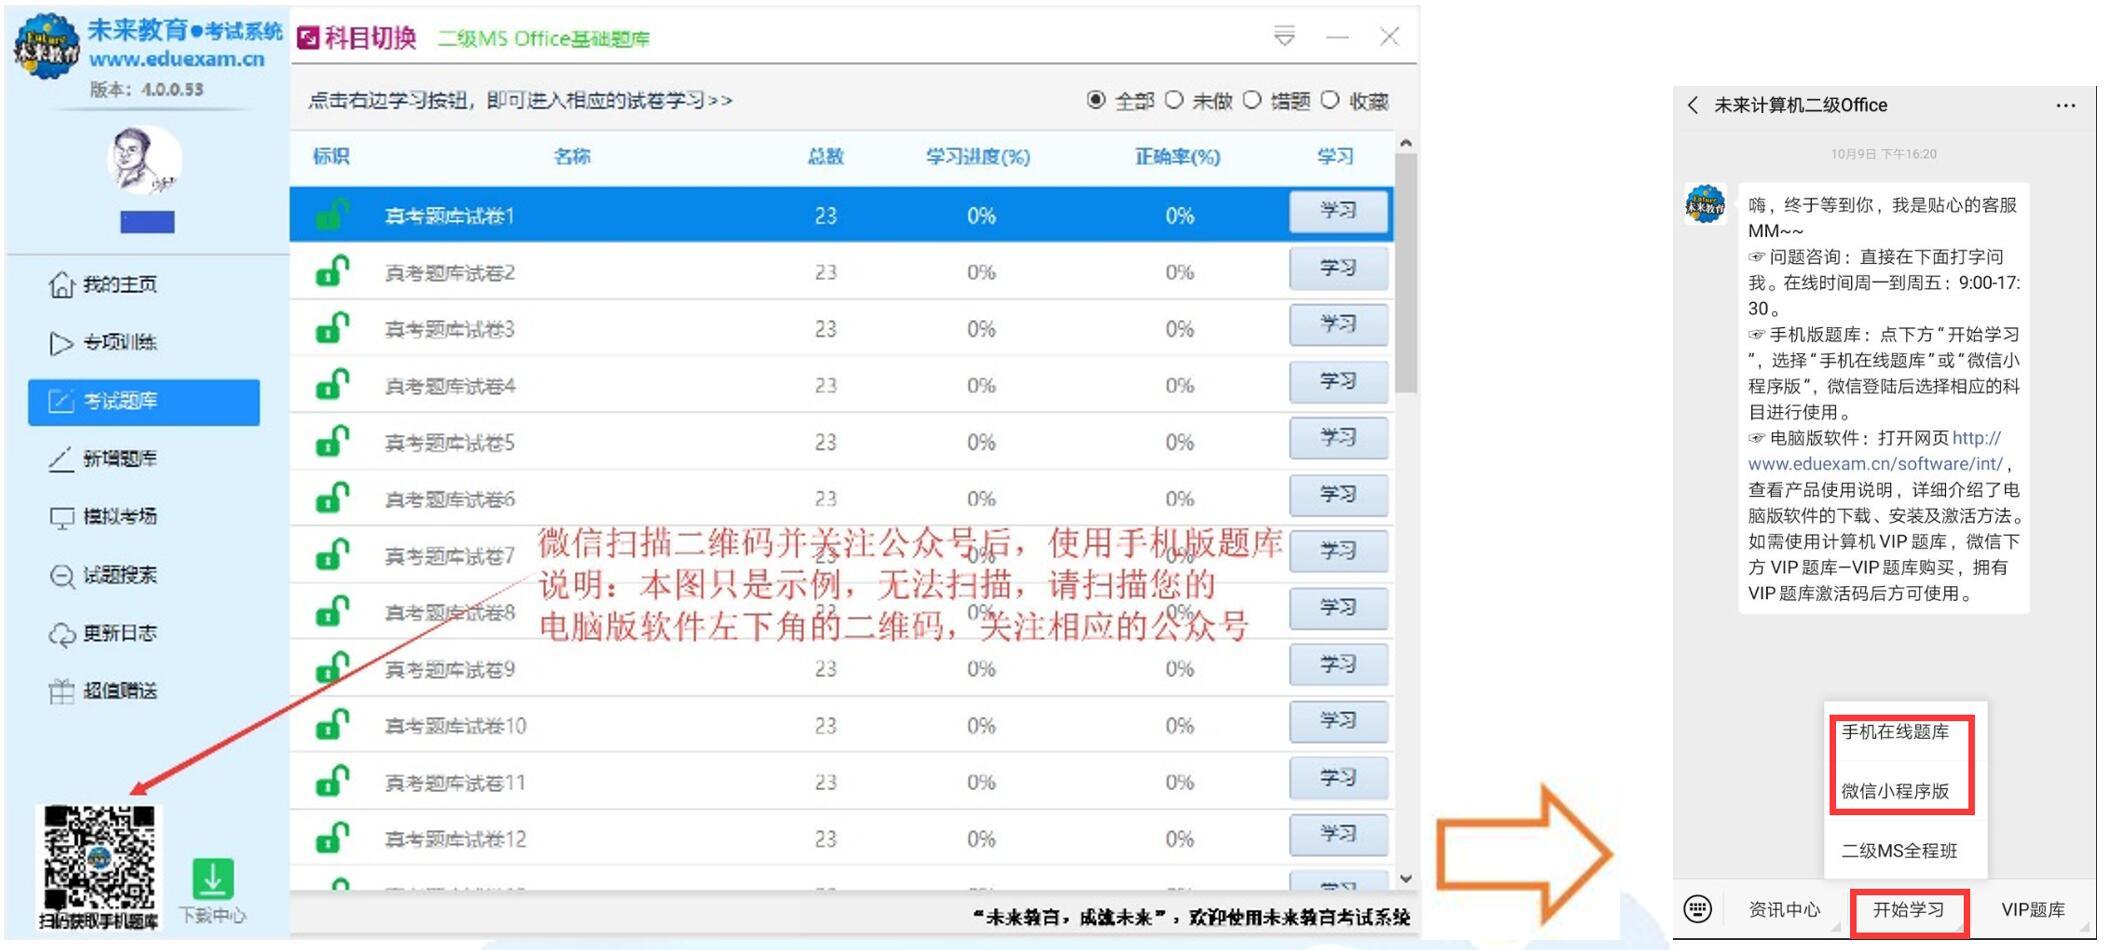 未来教育二级MS Office无纸化考试模拟软件截图